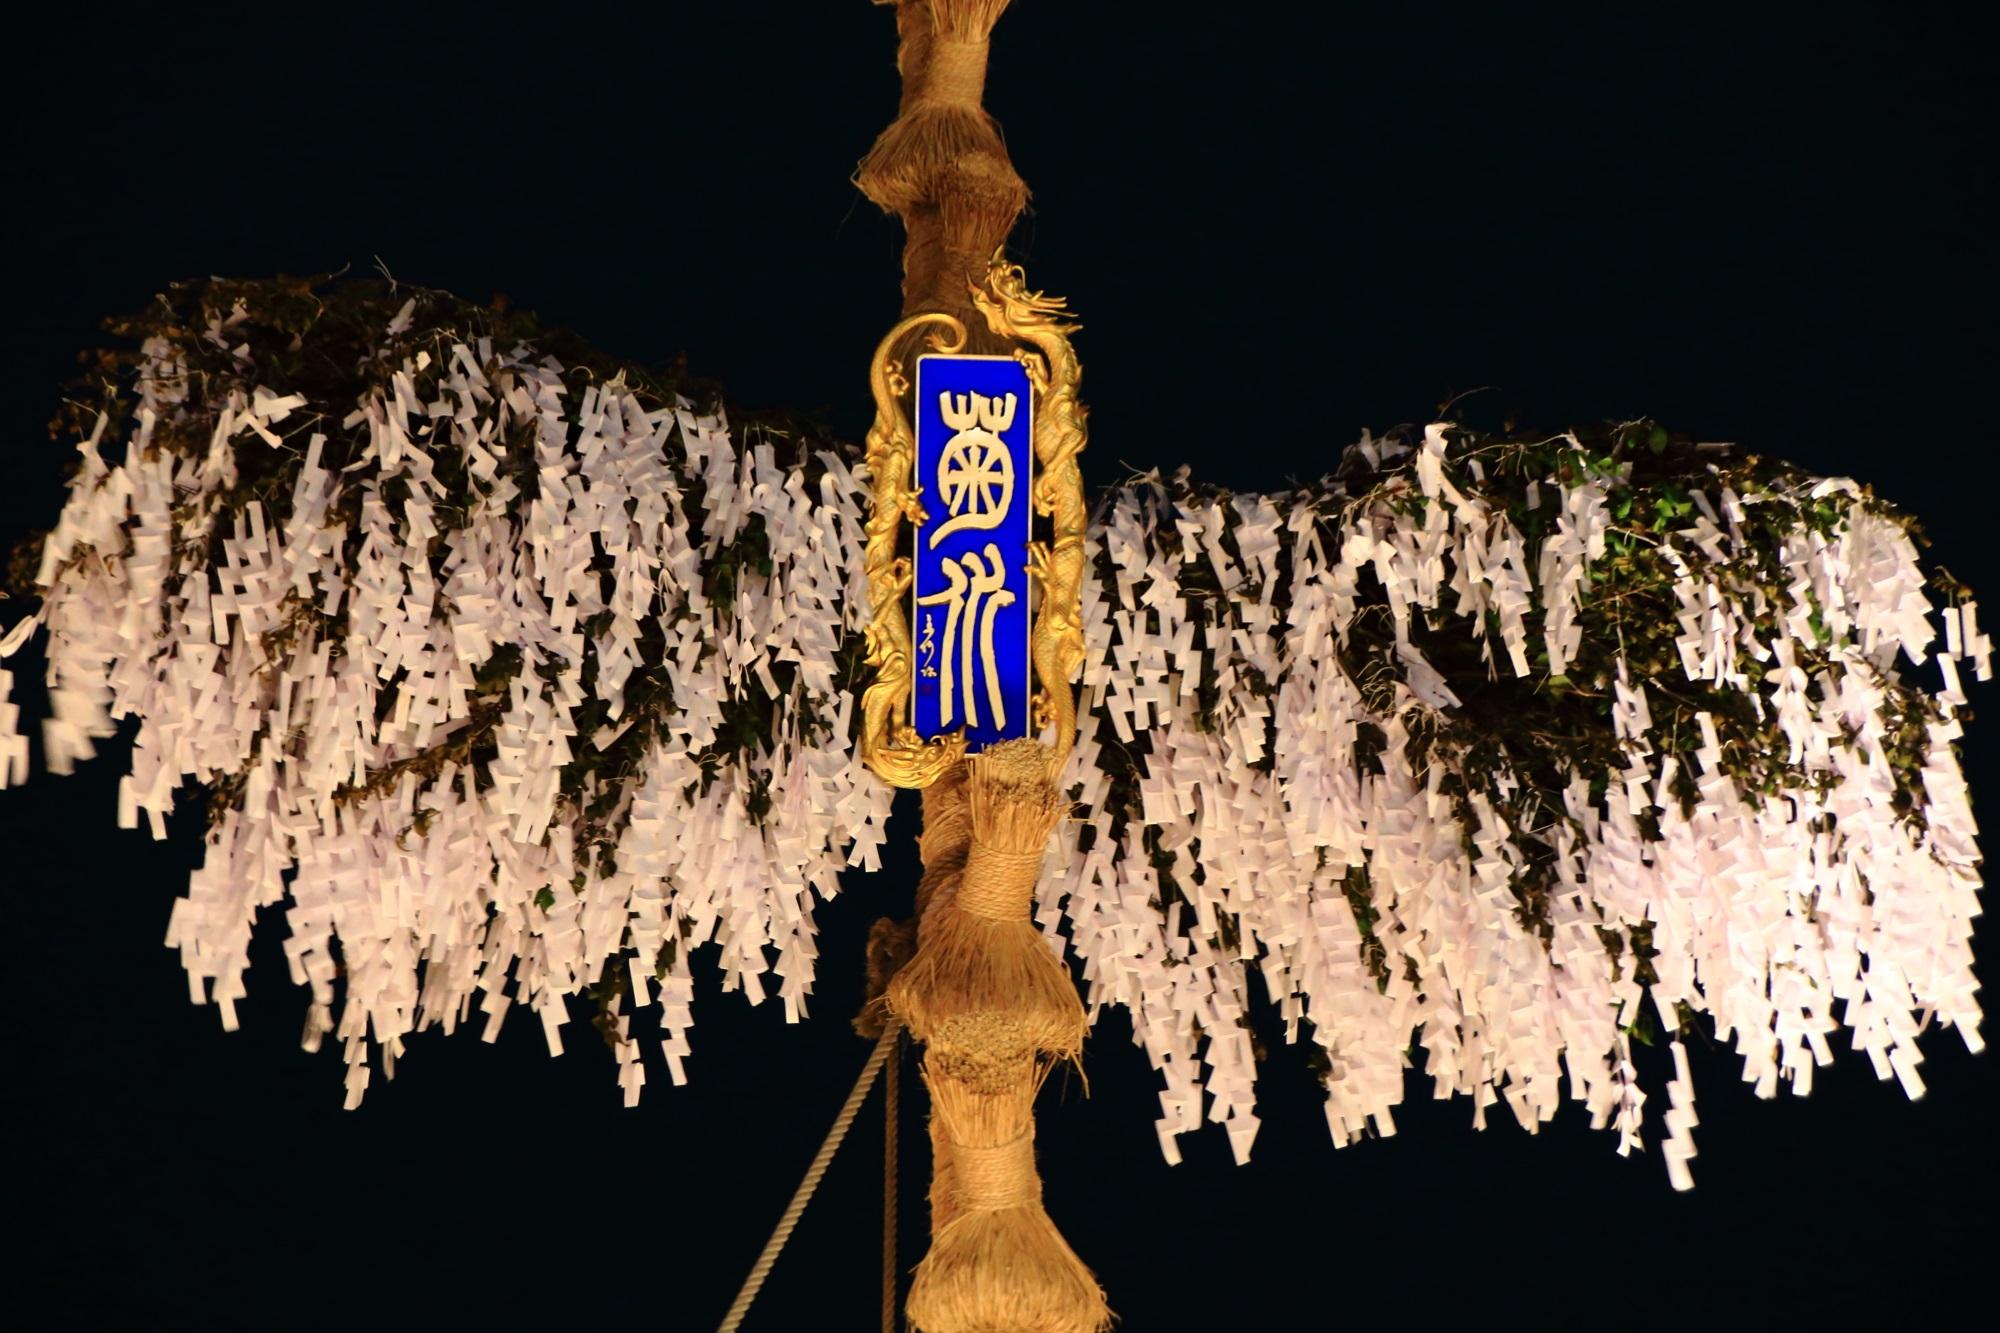 宵山 菊水鉾 祇園祭 大きい